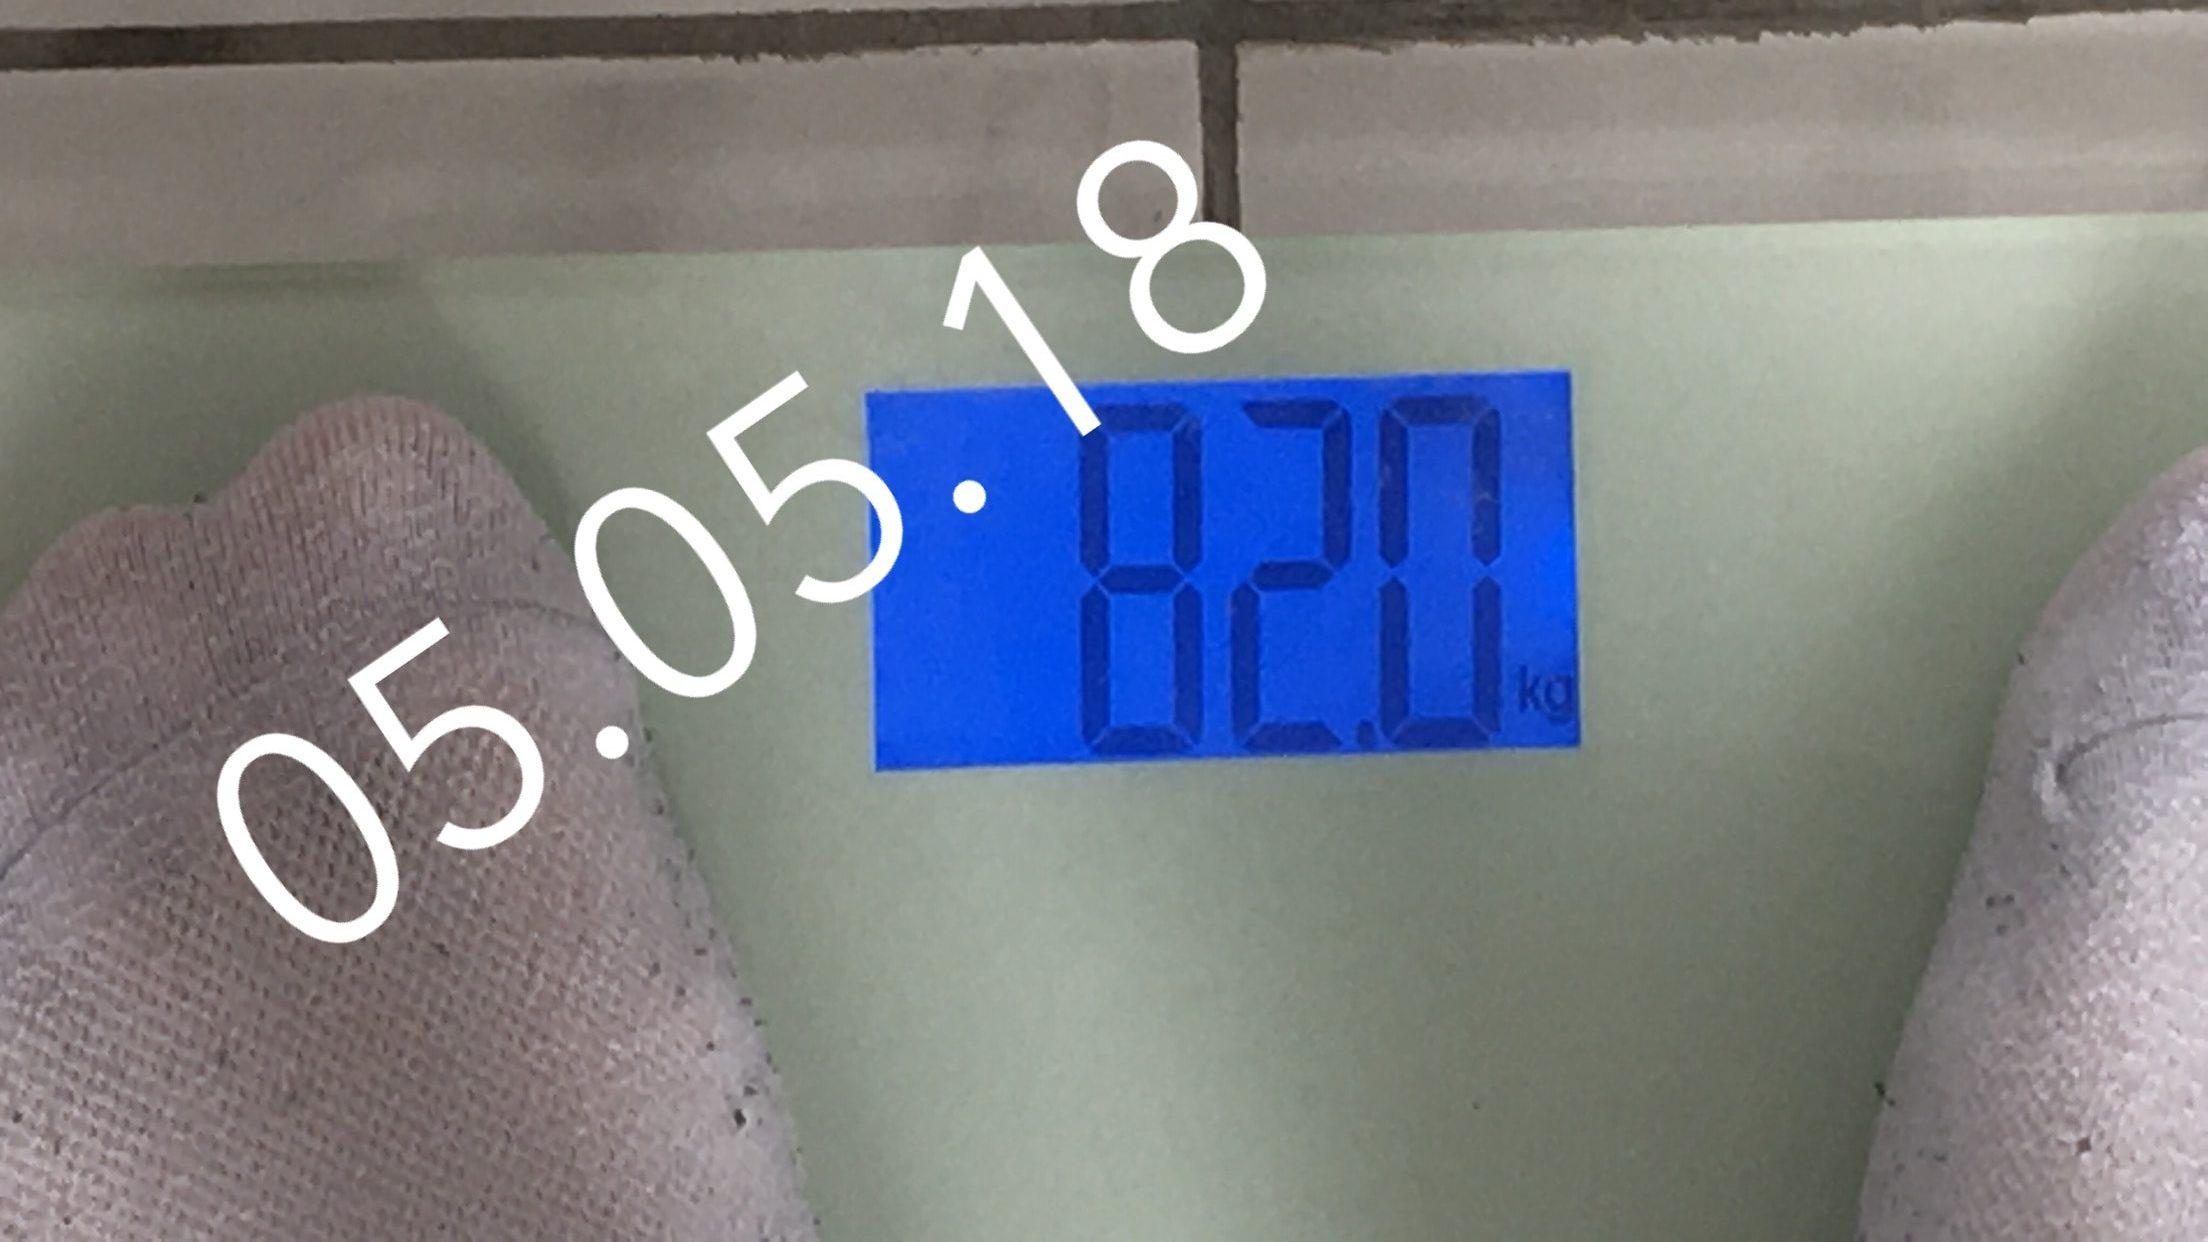 5.5.18 Zunehmen wie Philip Baum